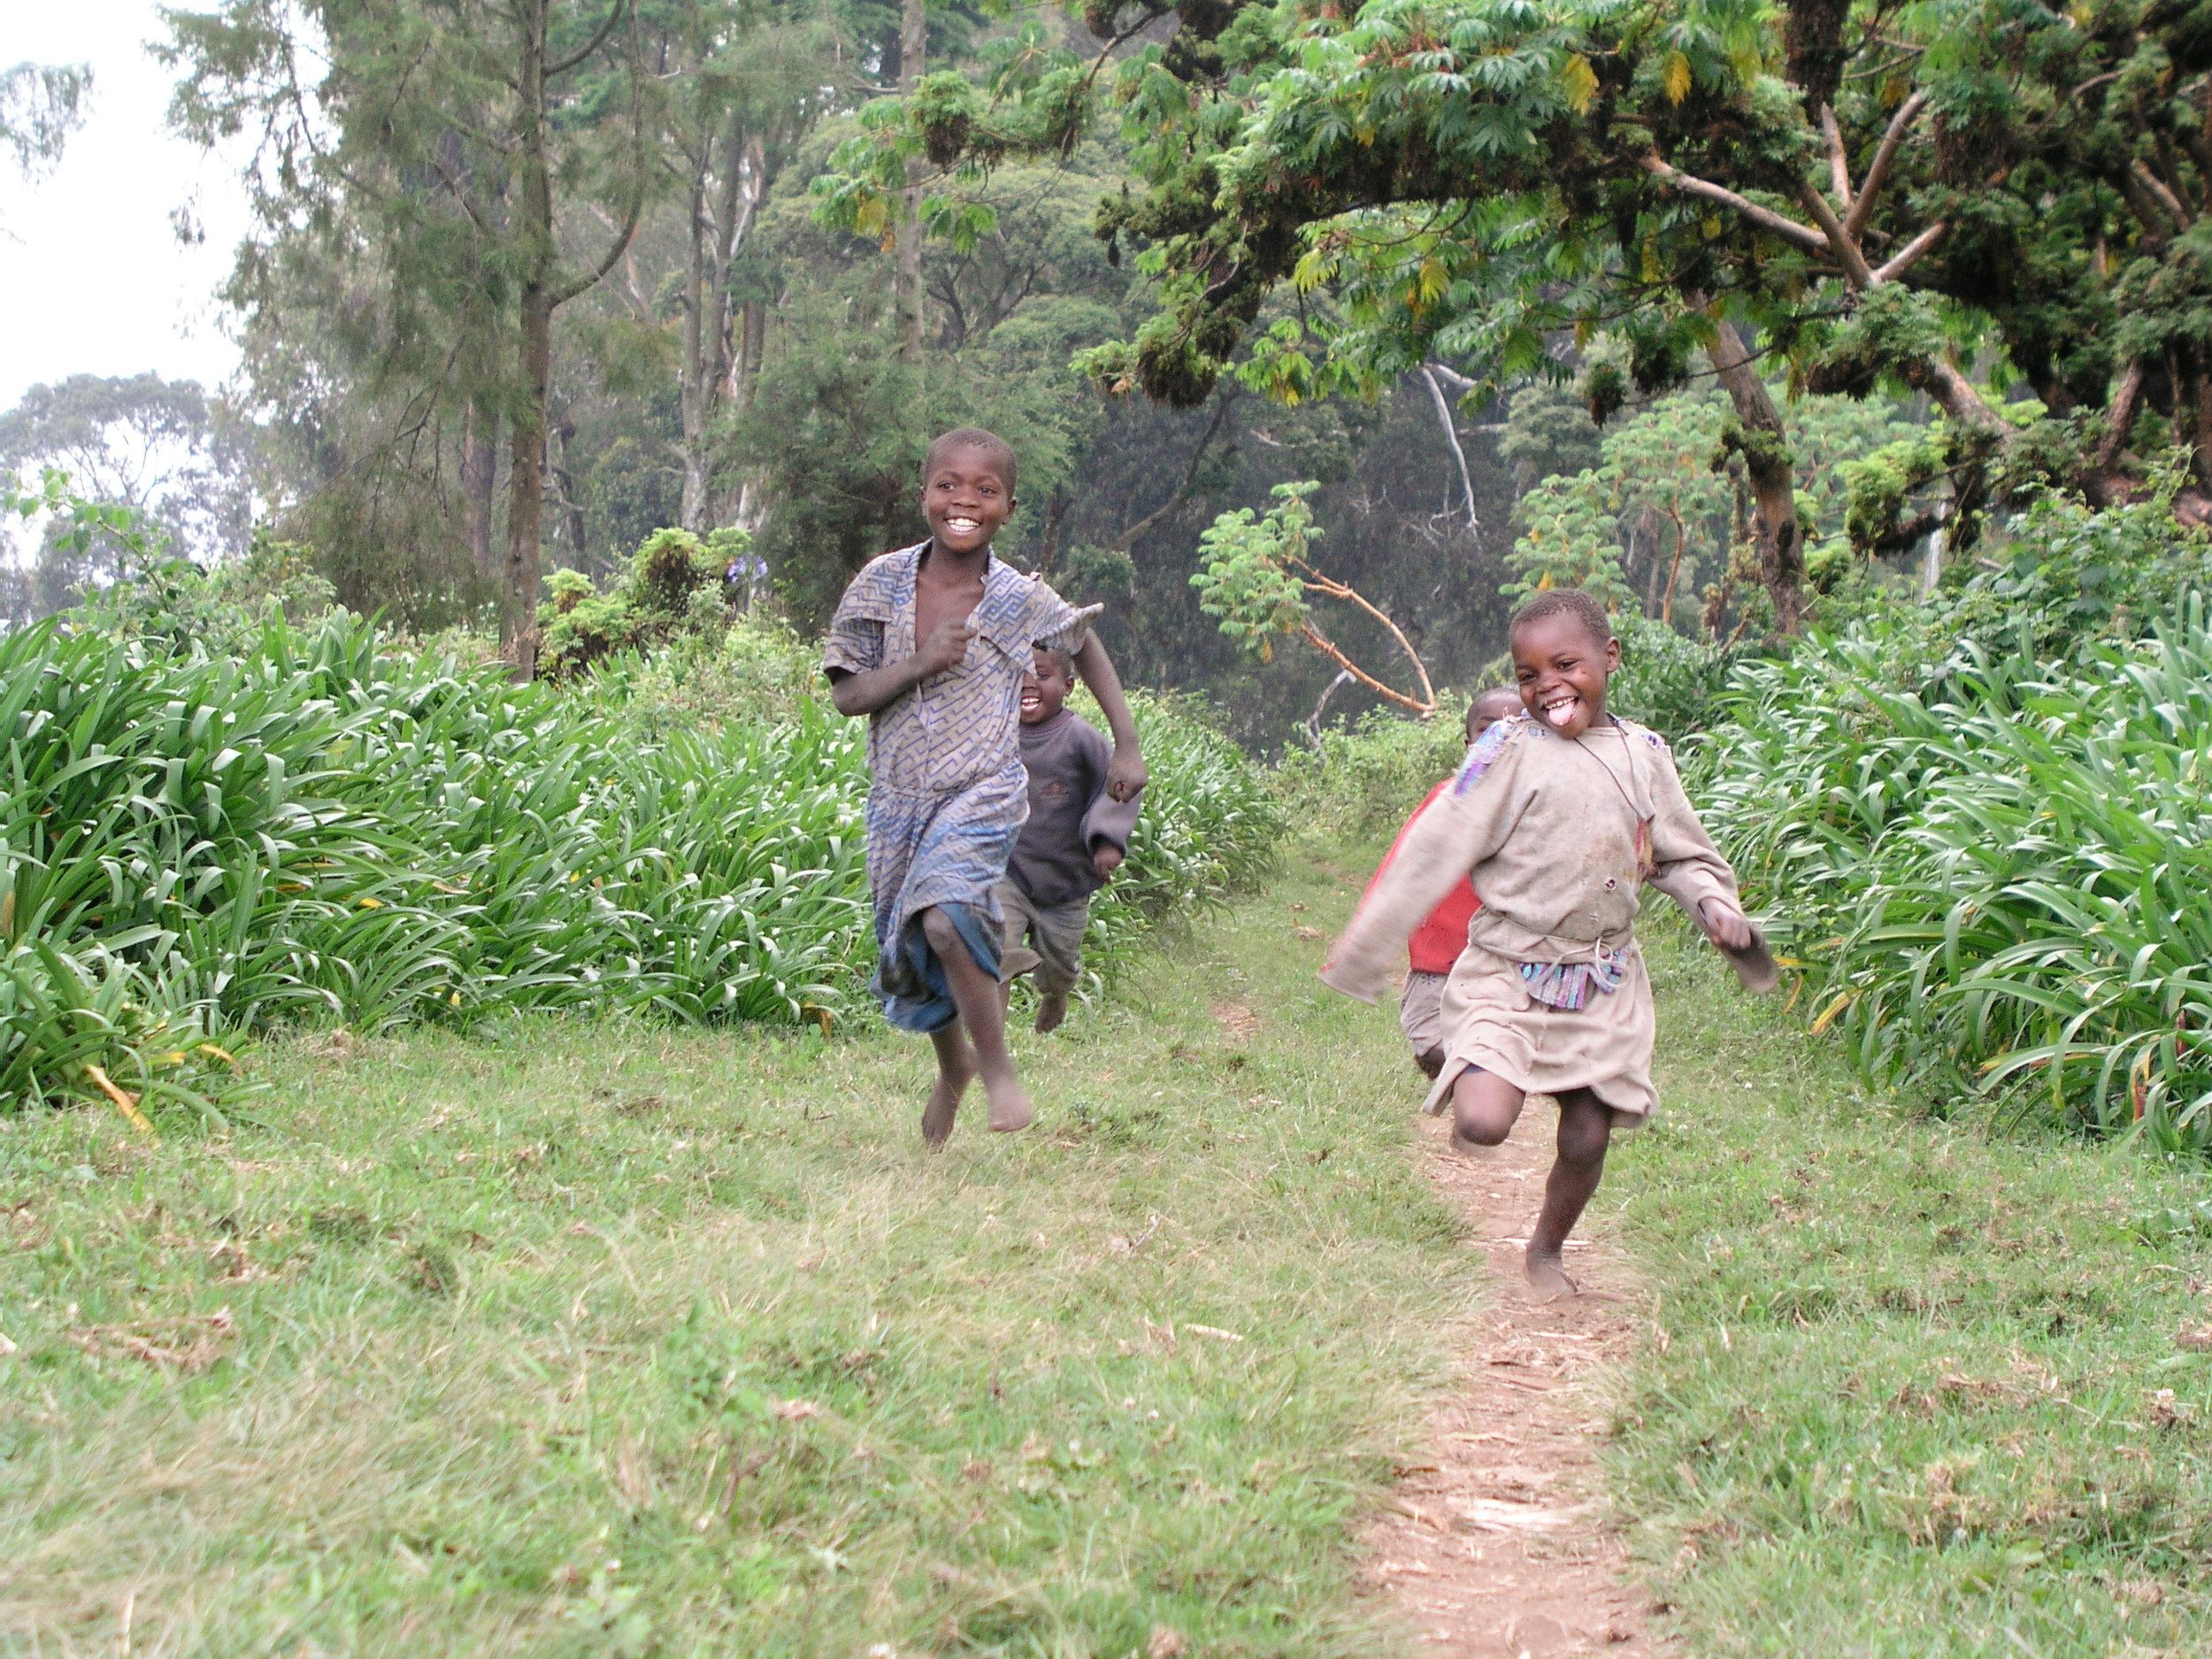 3Bingwa_day2am_2007.jpg